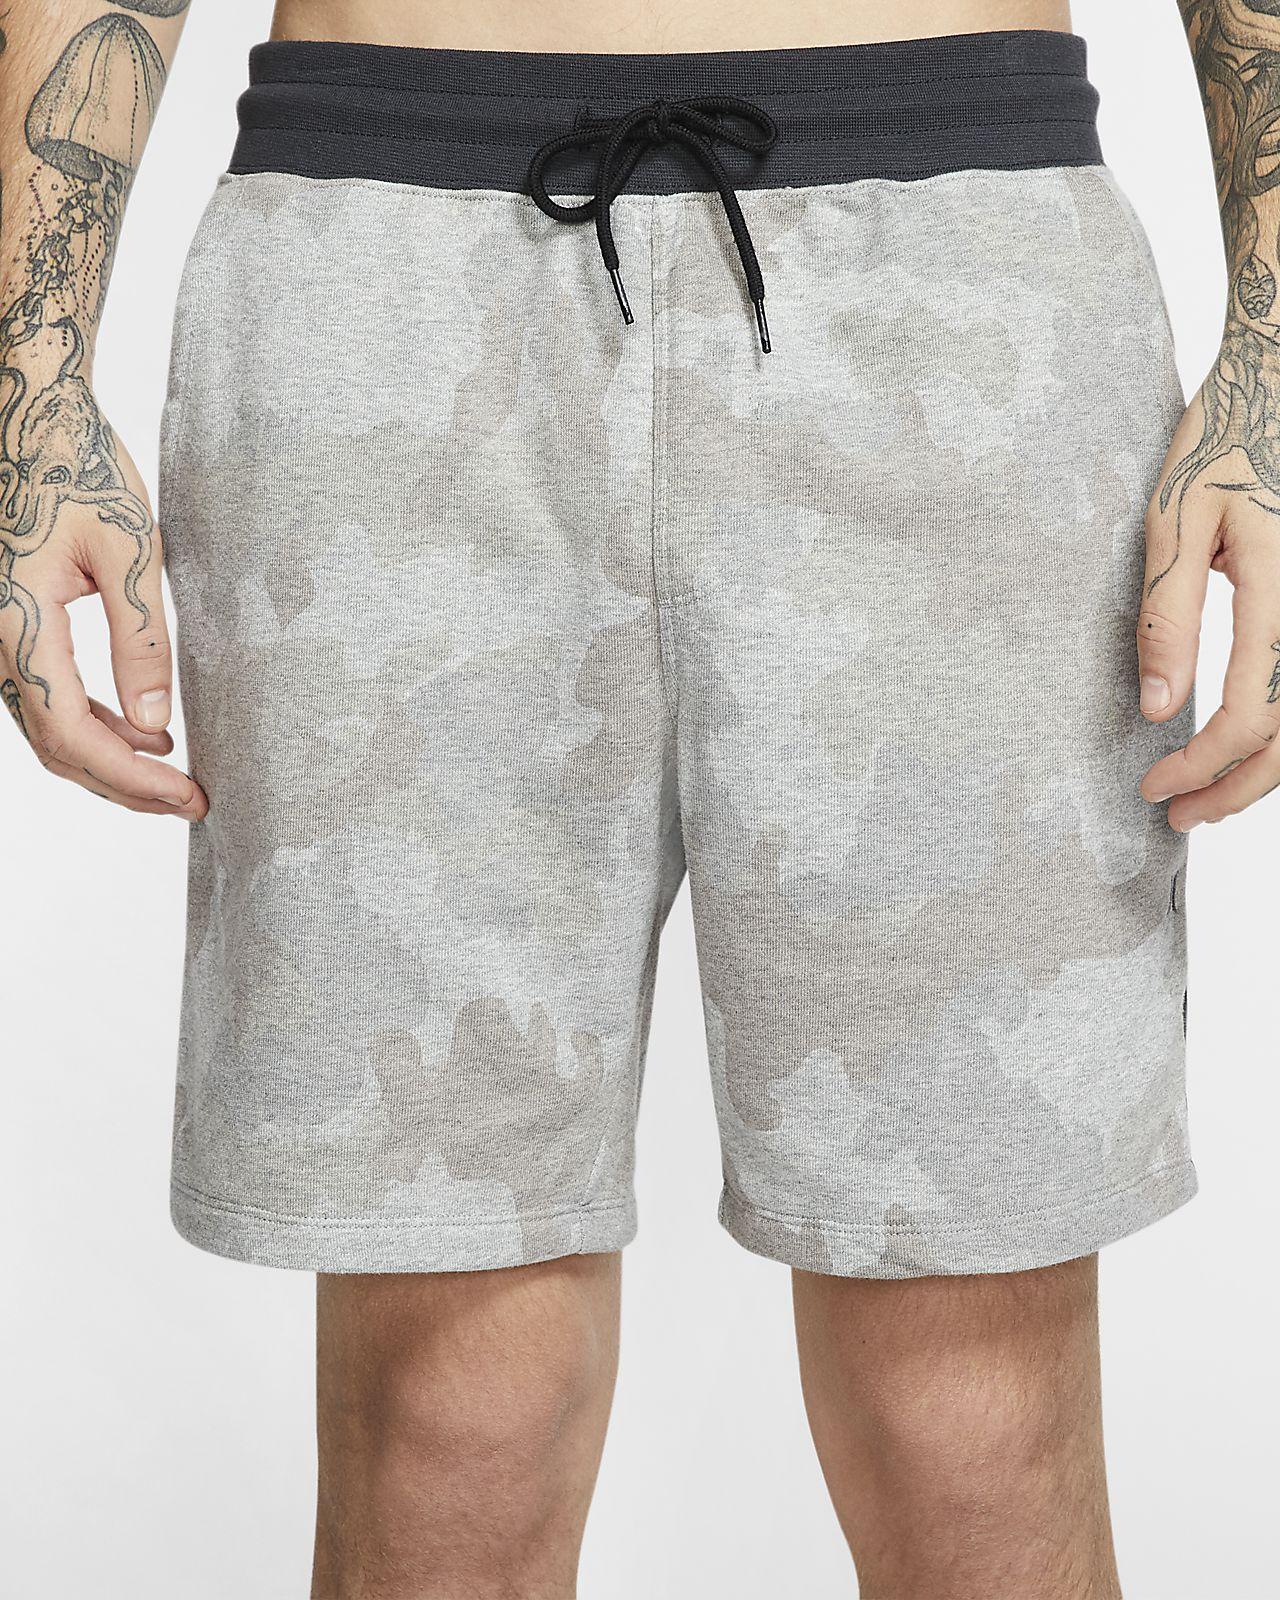 Hurley Dri-FIT Naturals Men's Fleece Shorts